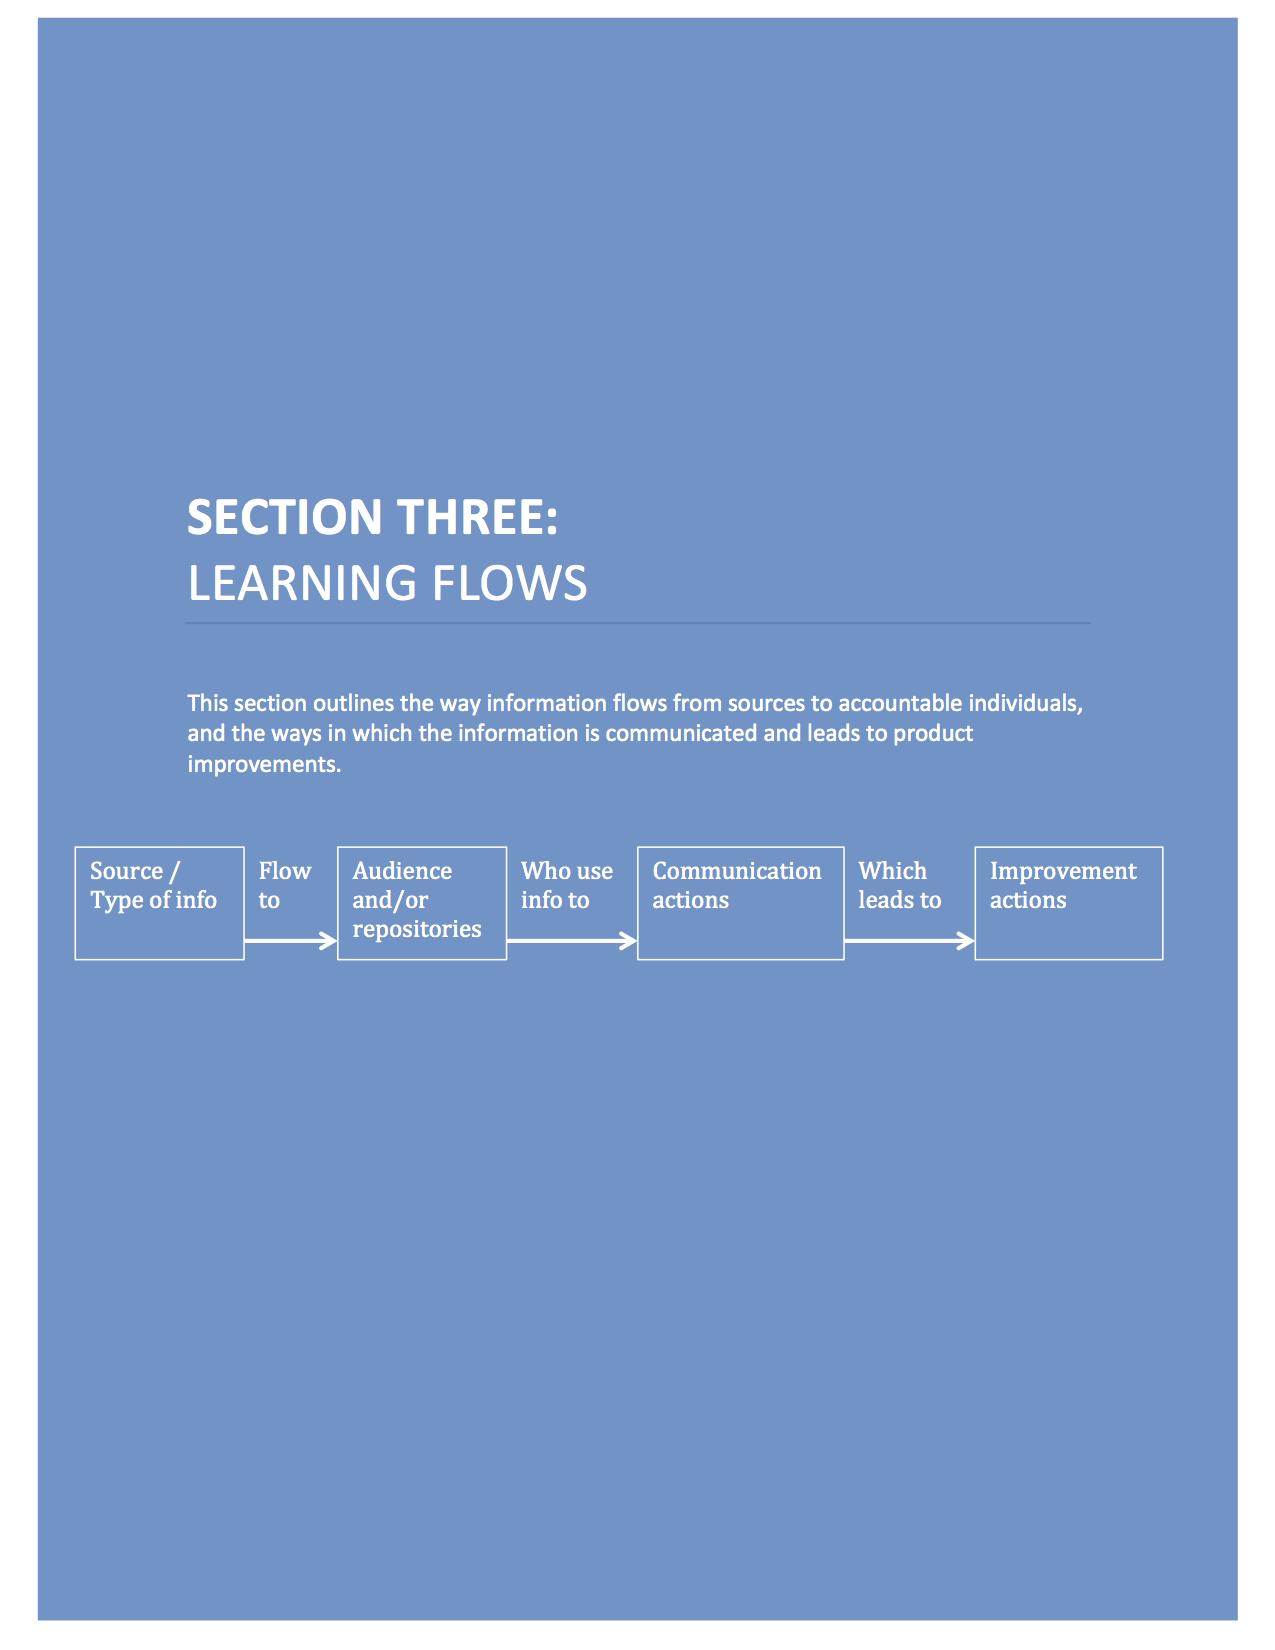 Beta Learning Plan (redacted)13.png